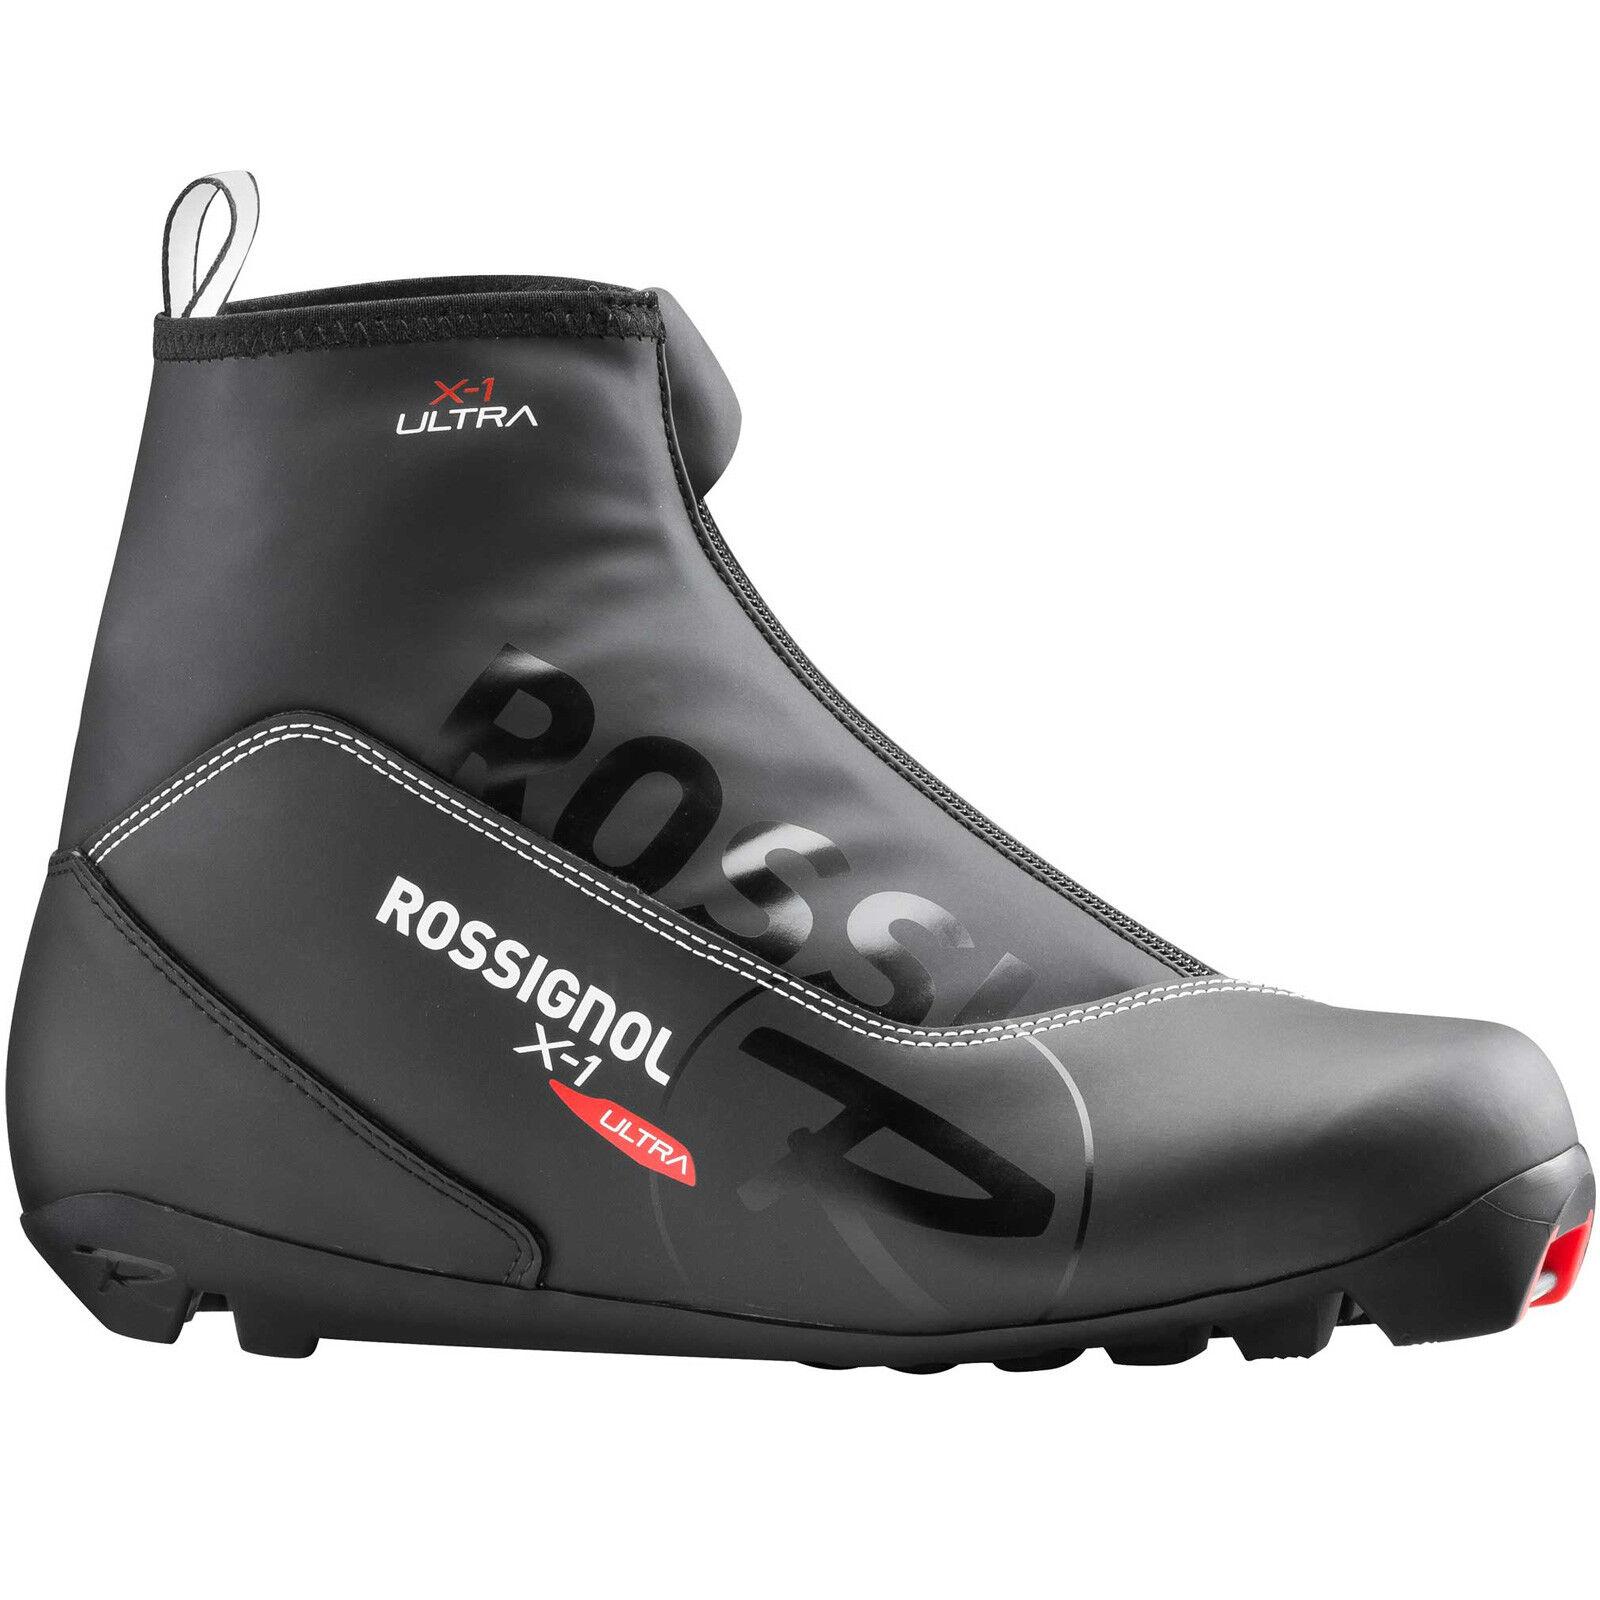 ROSSIGNOL x-1 corso ULTRA unisex lungo corso x-1 Scarpe Classic Stile Scarponi ski-stivali NUOVO e76237